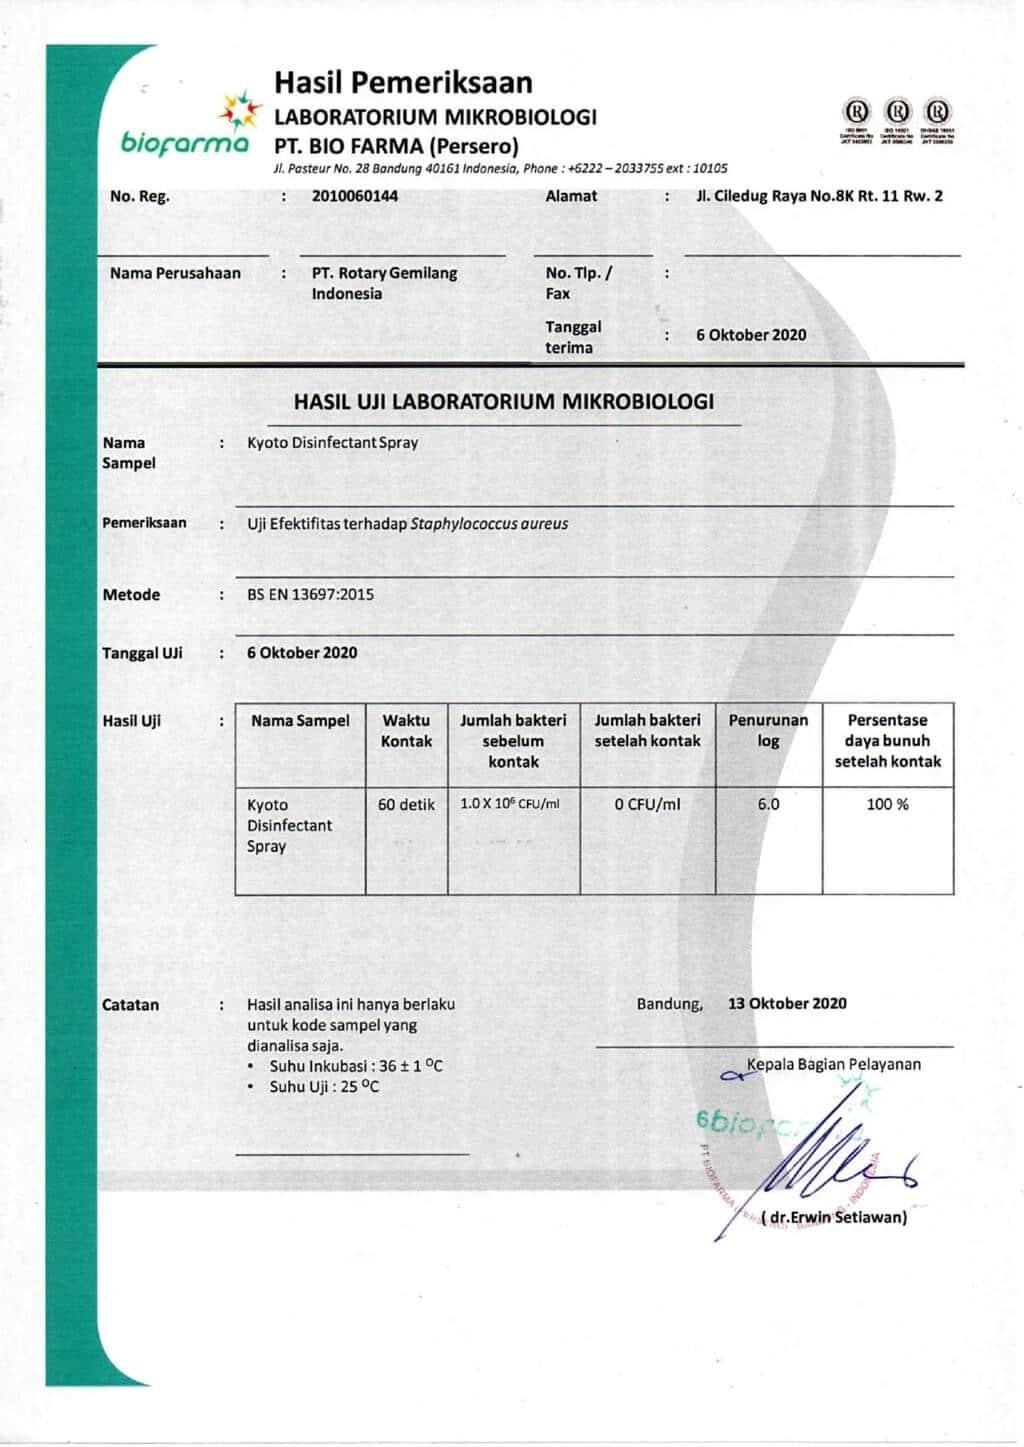 optimize- Hasil Lab Biofarma Aerosol_pages-to-jpg-0008